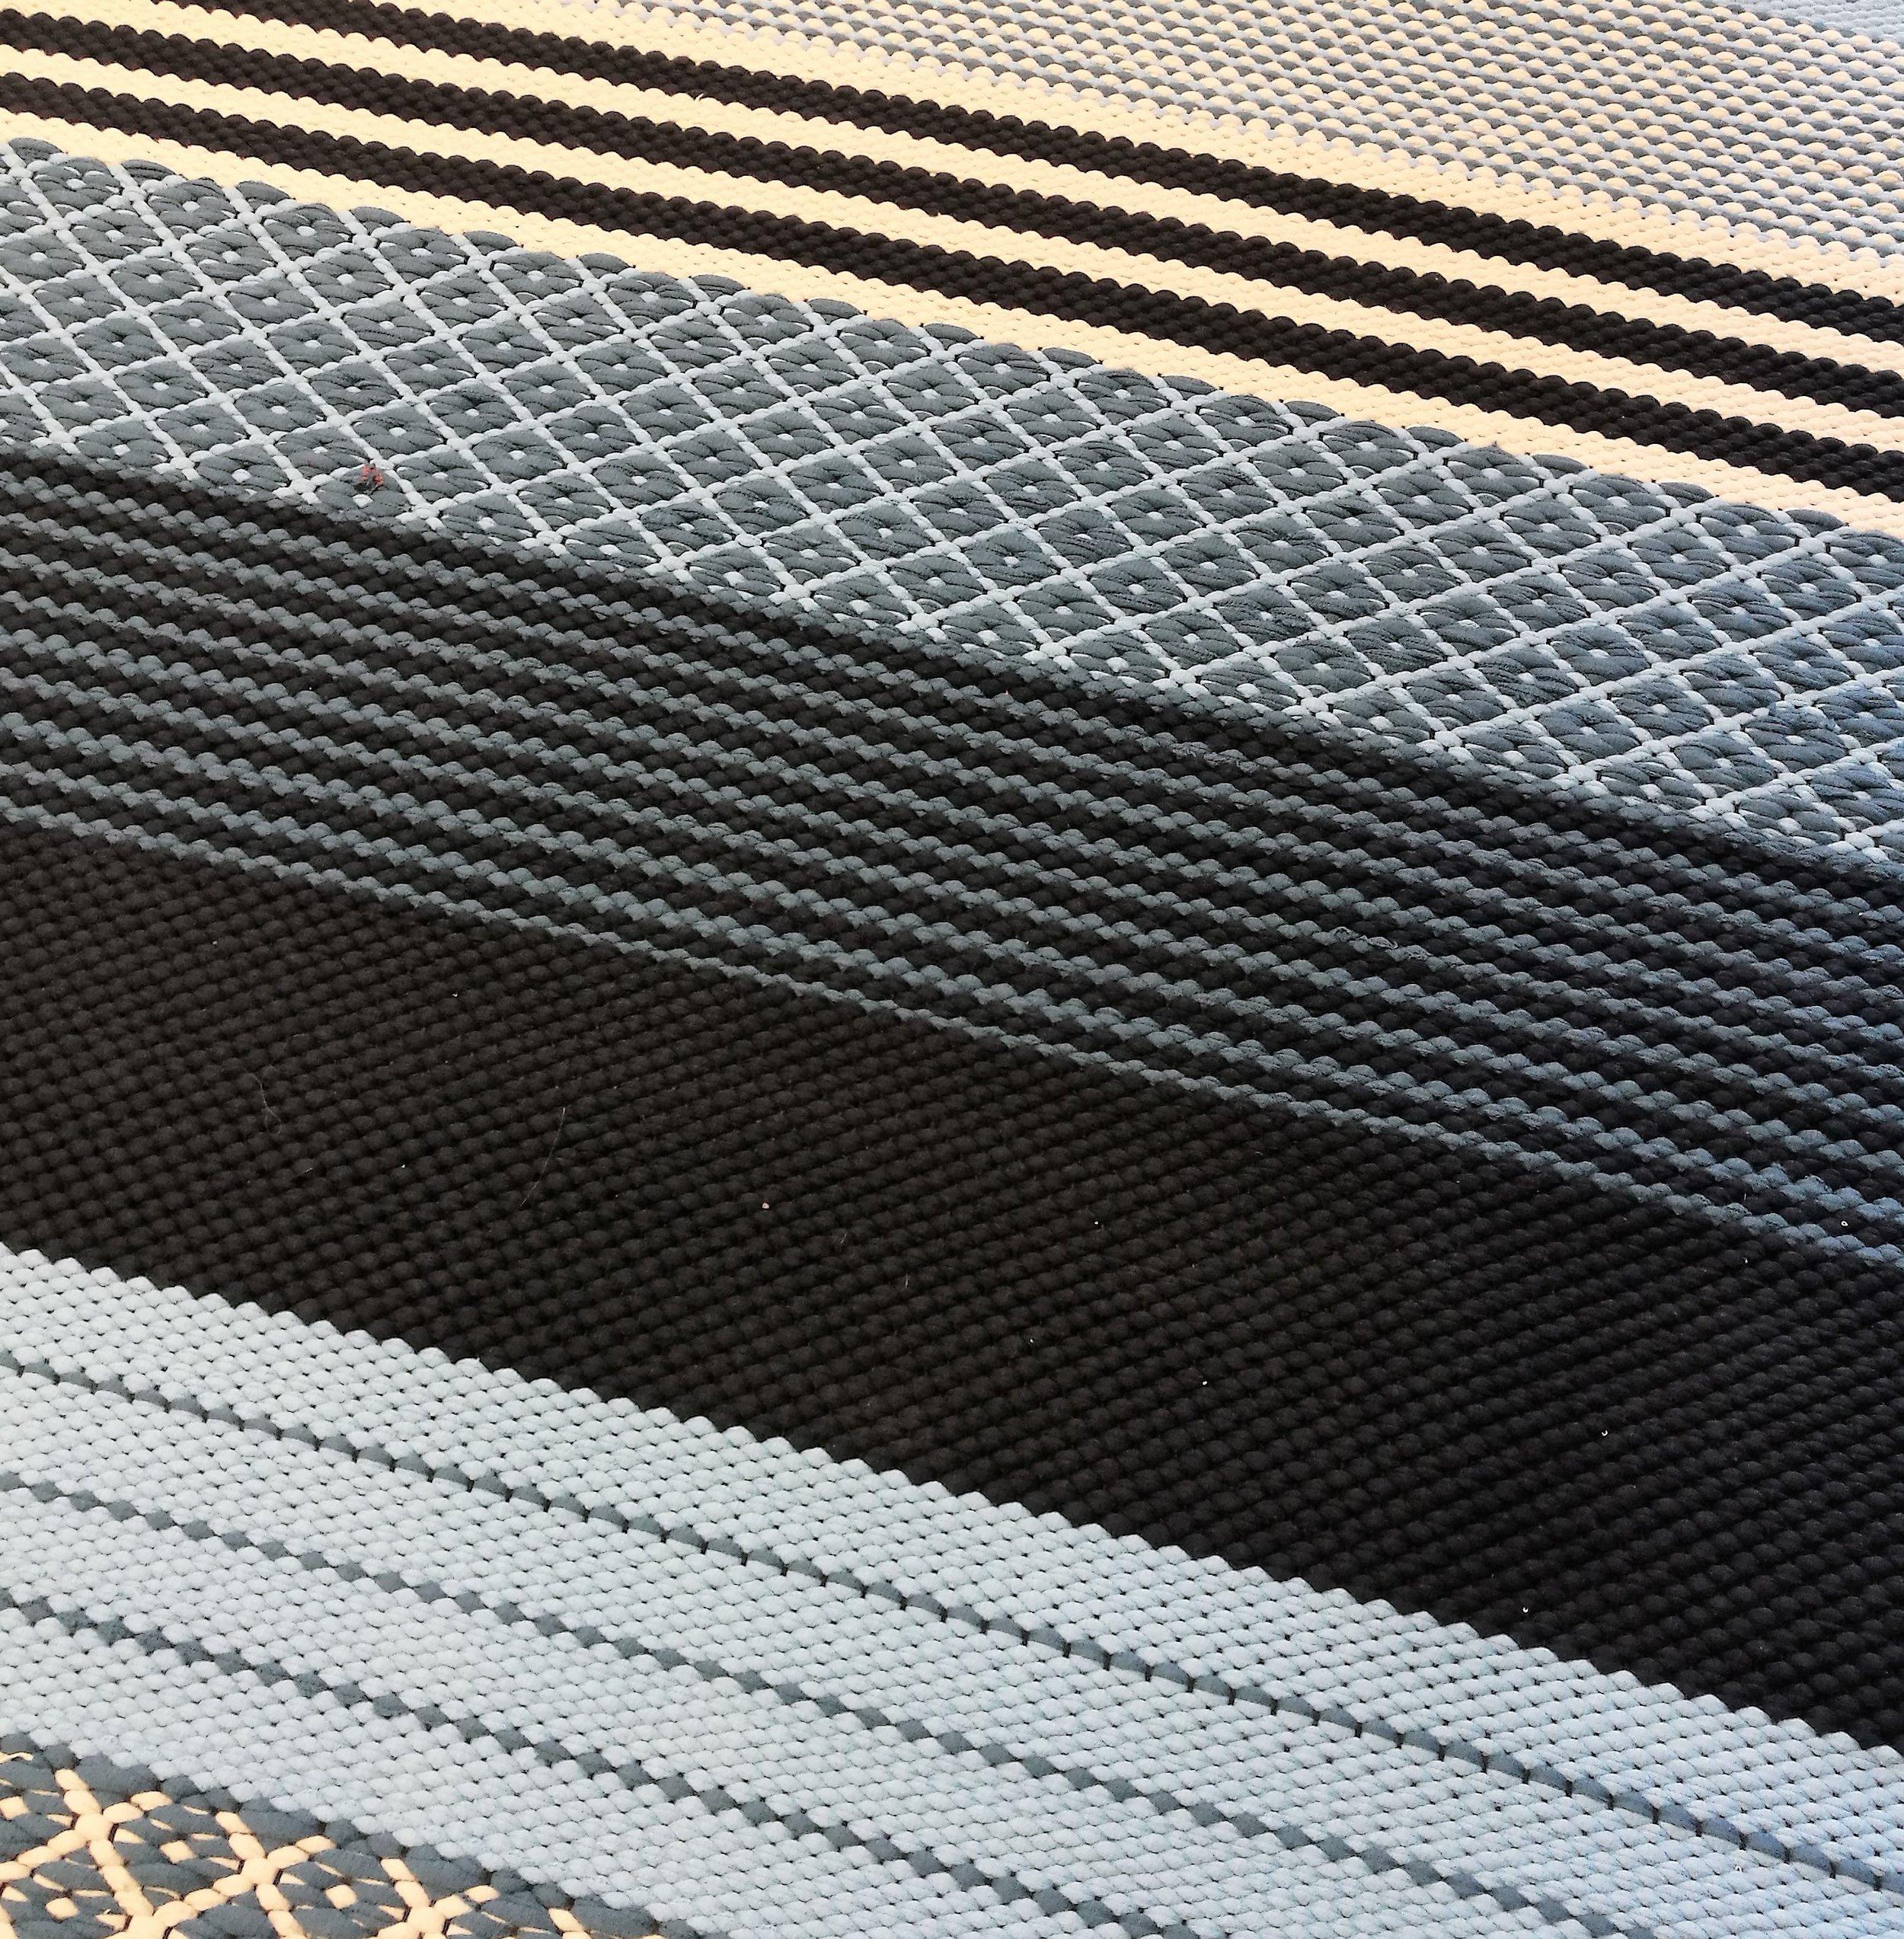 Asiakkaan kutoma raikas matto, jossa on erilaisia palttinalla ja ruusukkaalla kudottuja osioita.